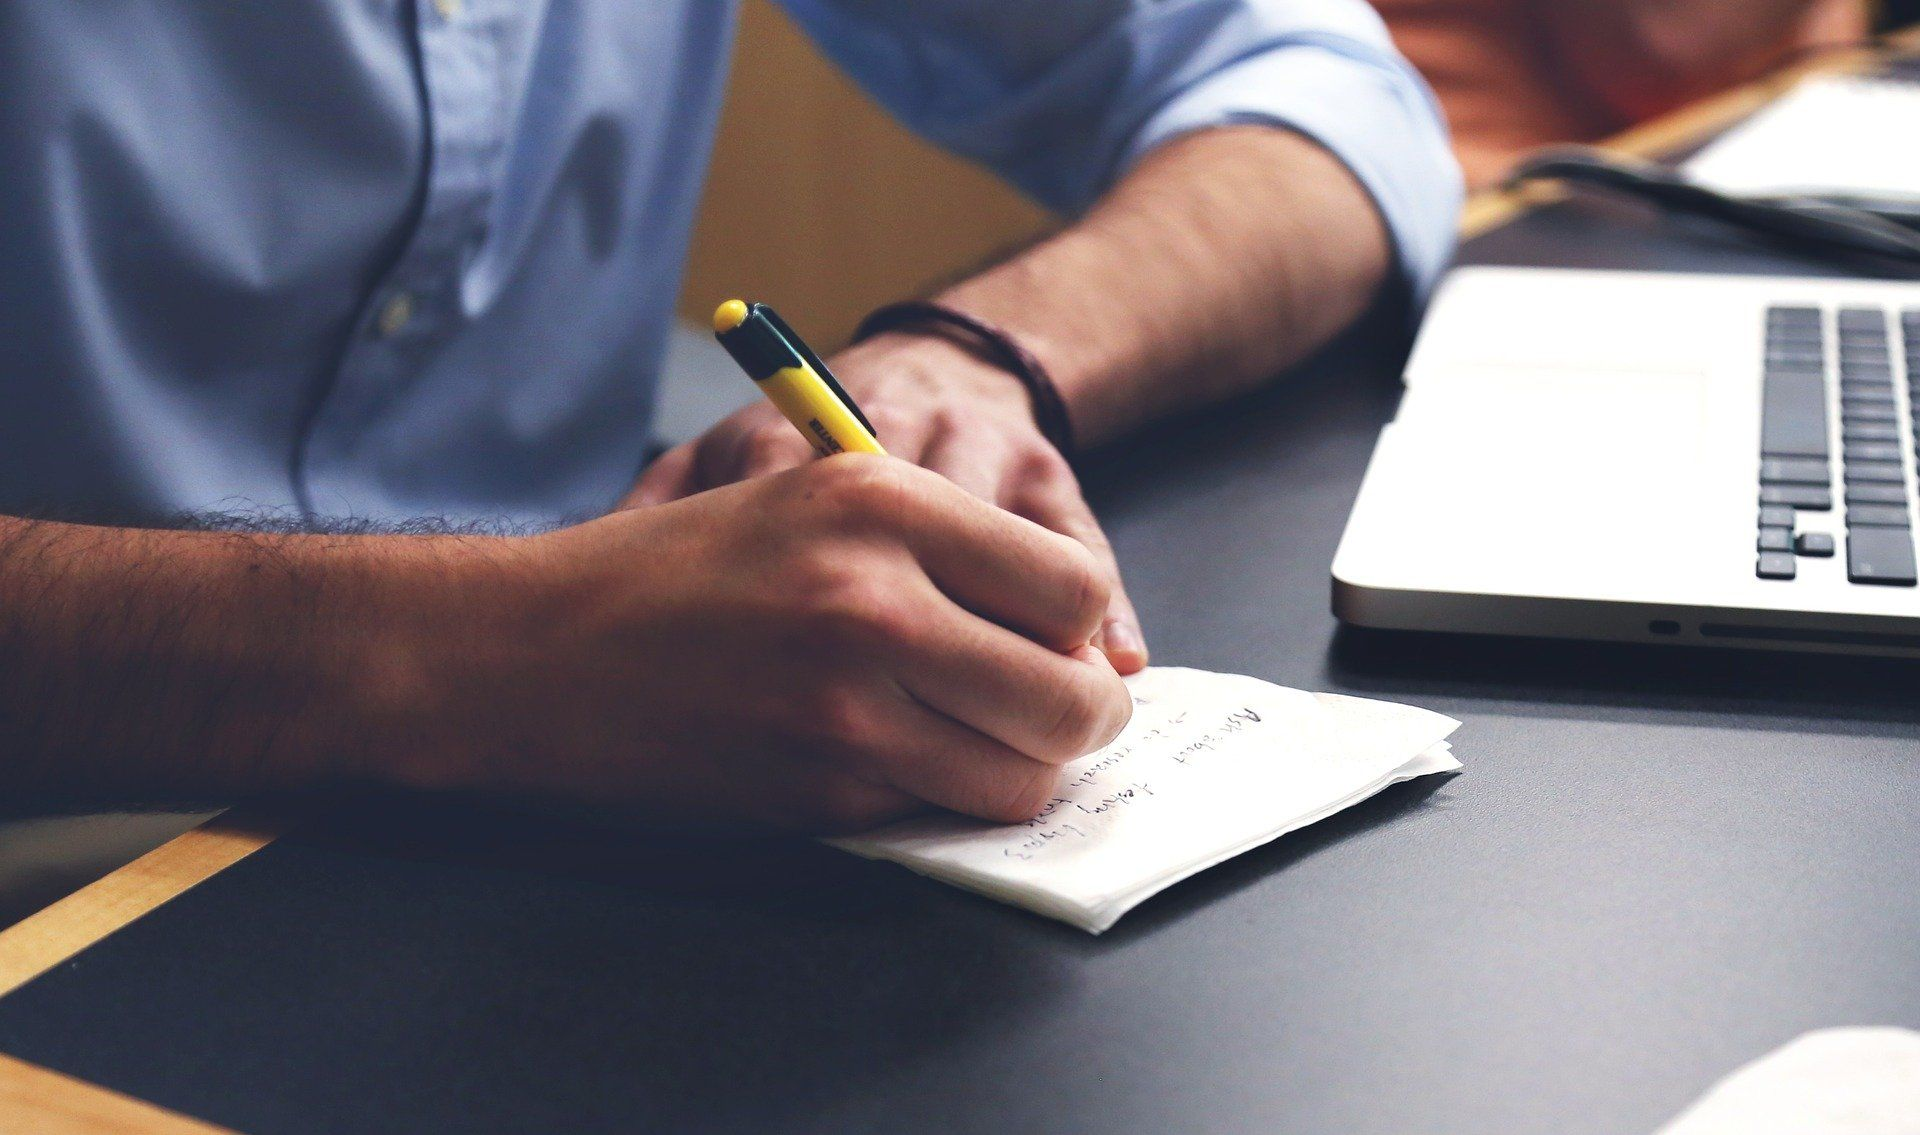 Ein Mann macht sich Notizen. Er möchte einen befristeten Arbeitsvertrag verlängern.